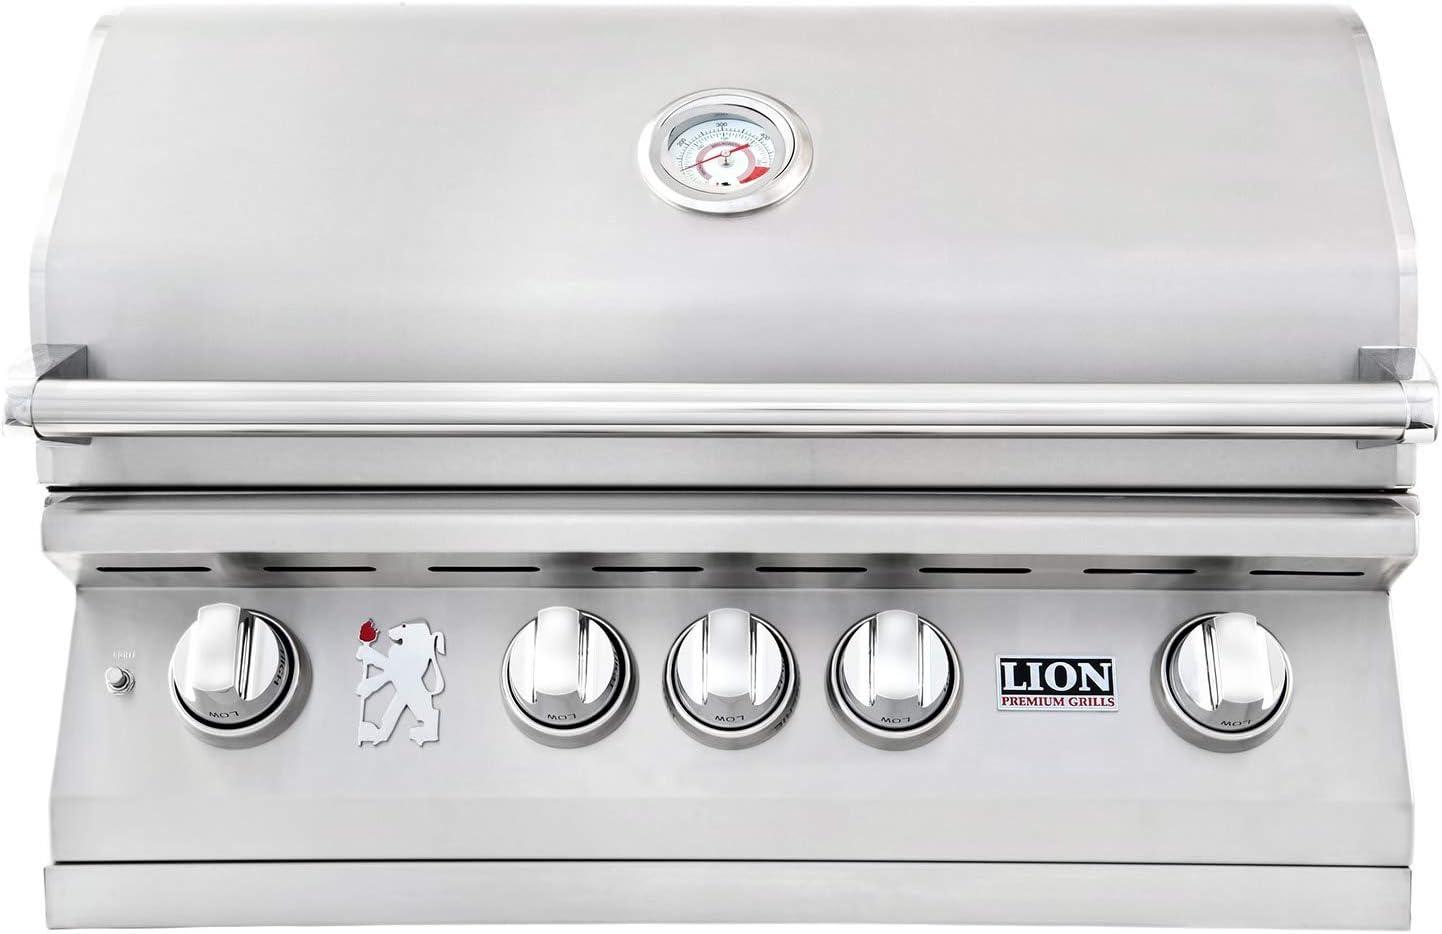 Lion Premium Grills L75625